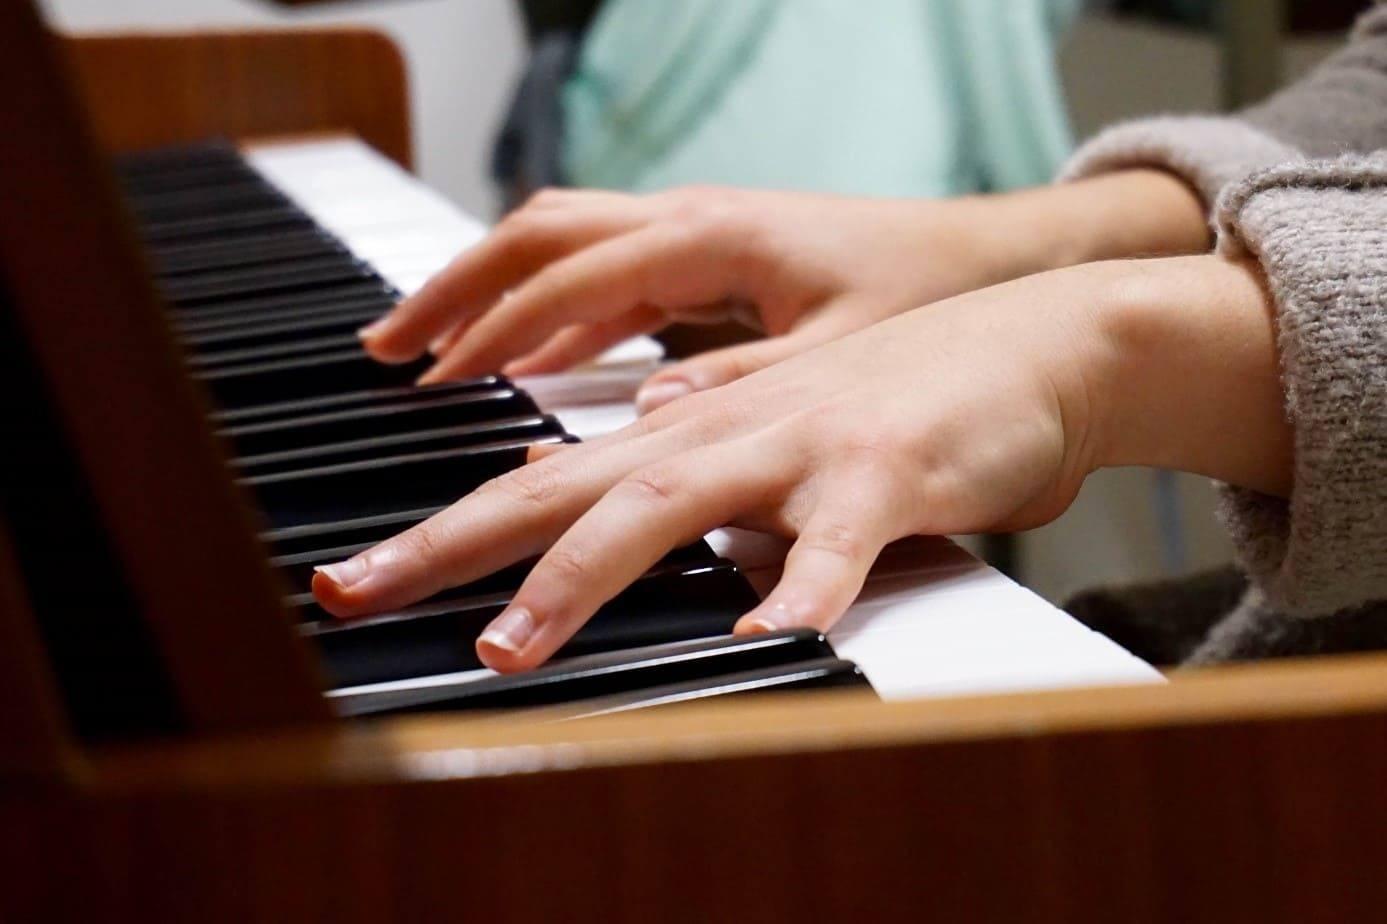 pianiste-progresser-beaucoup-plus-vite-en-musique